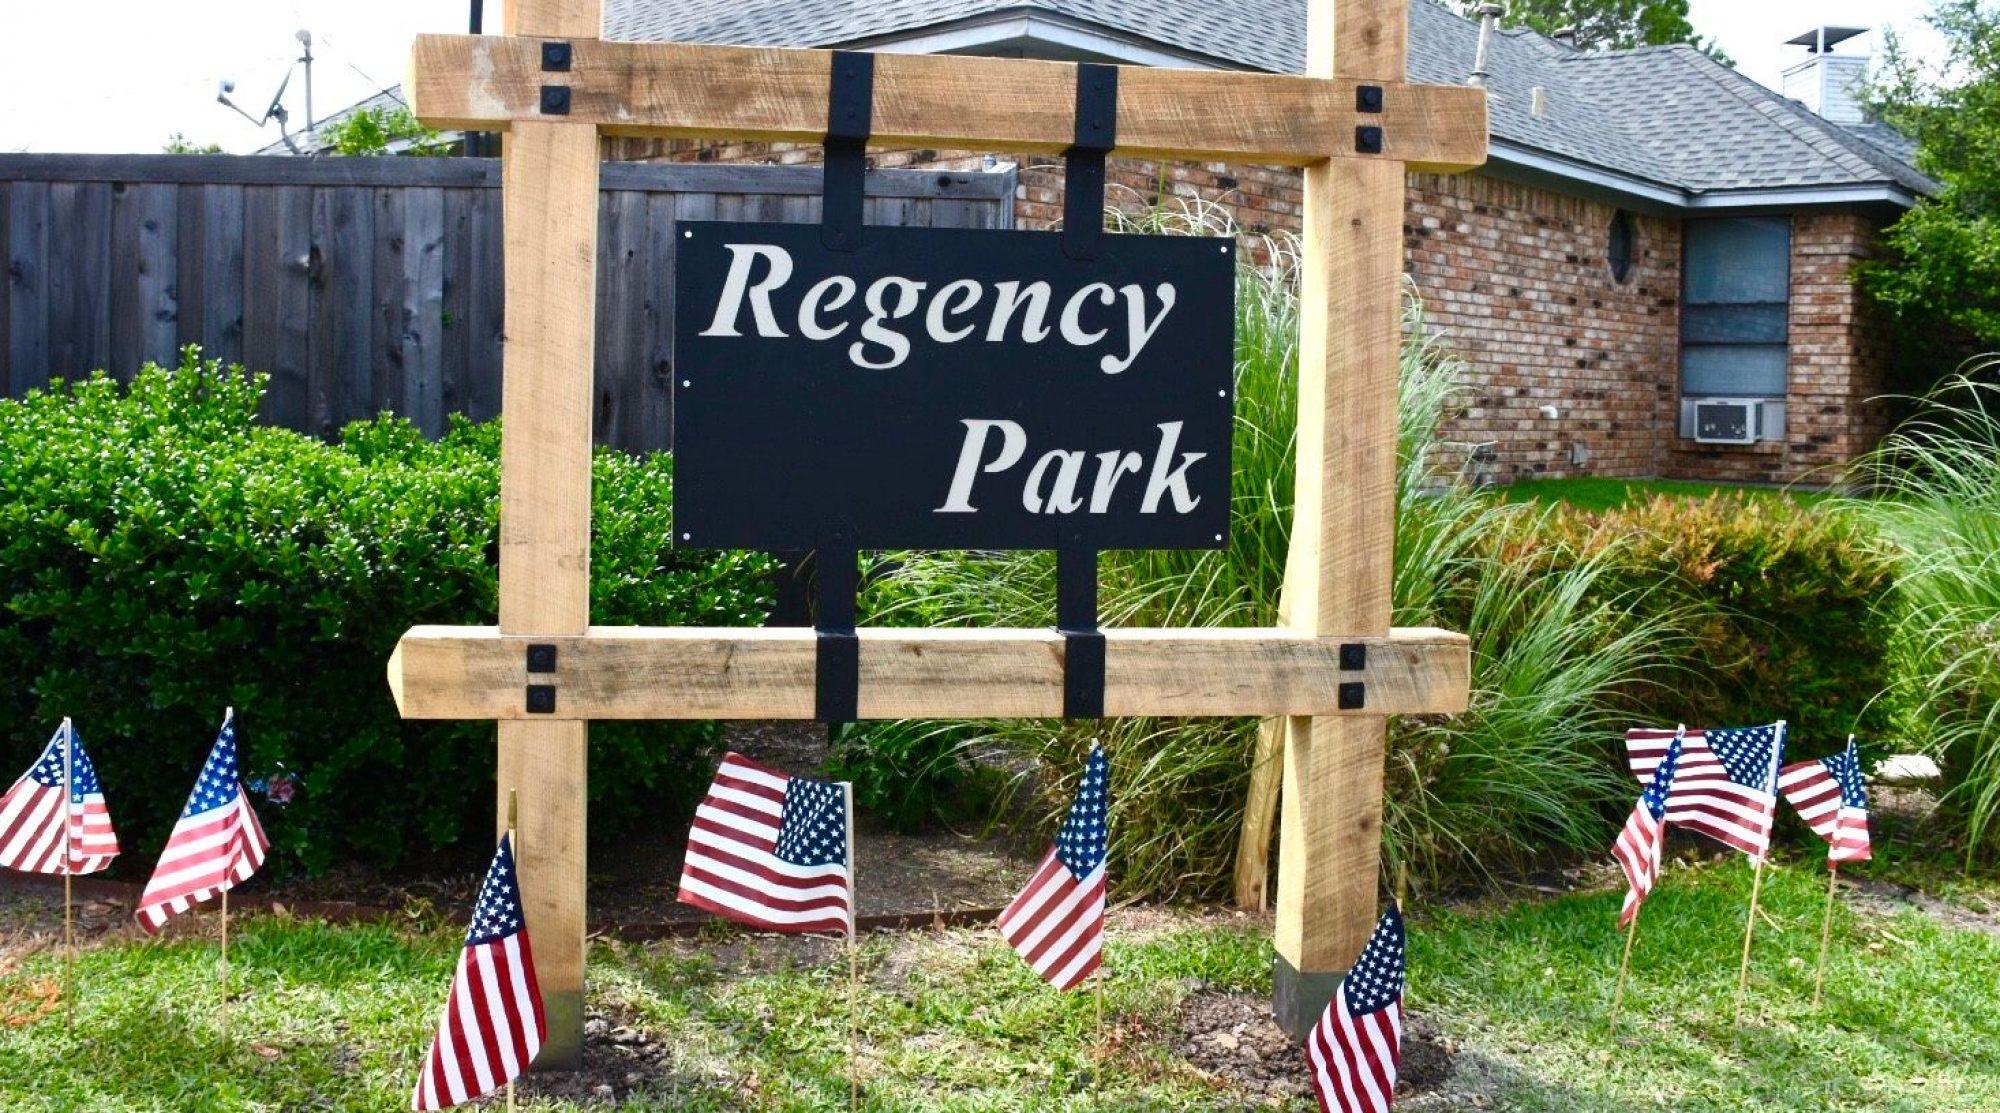 Regency Park HomeOwner Association